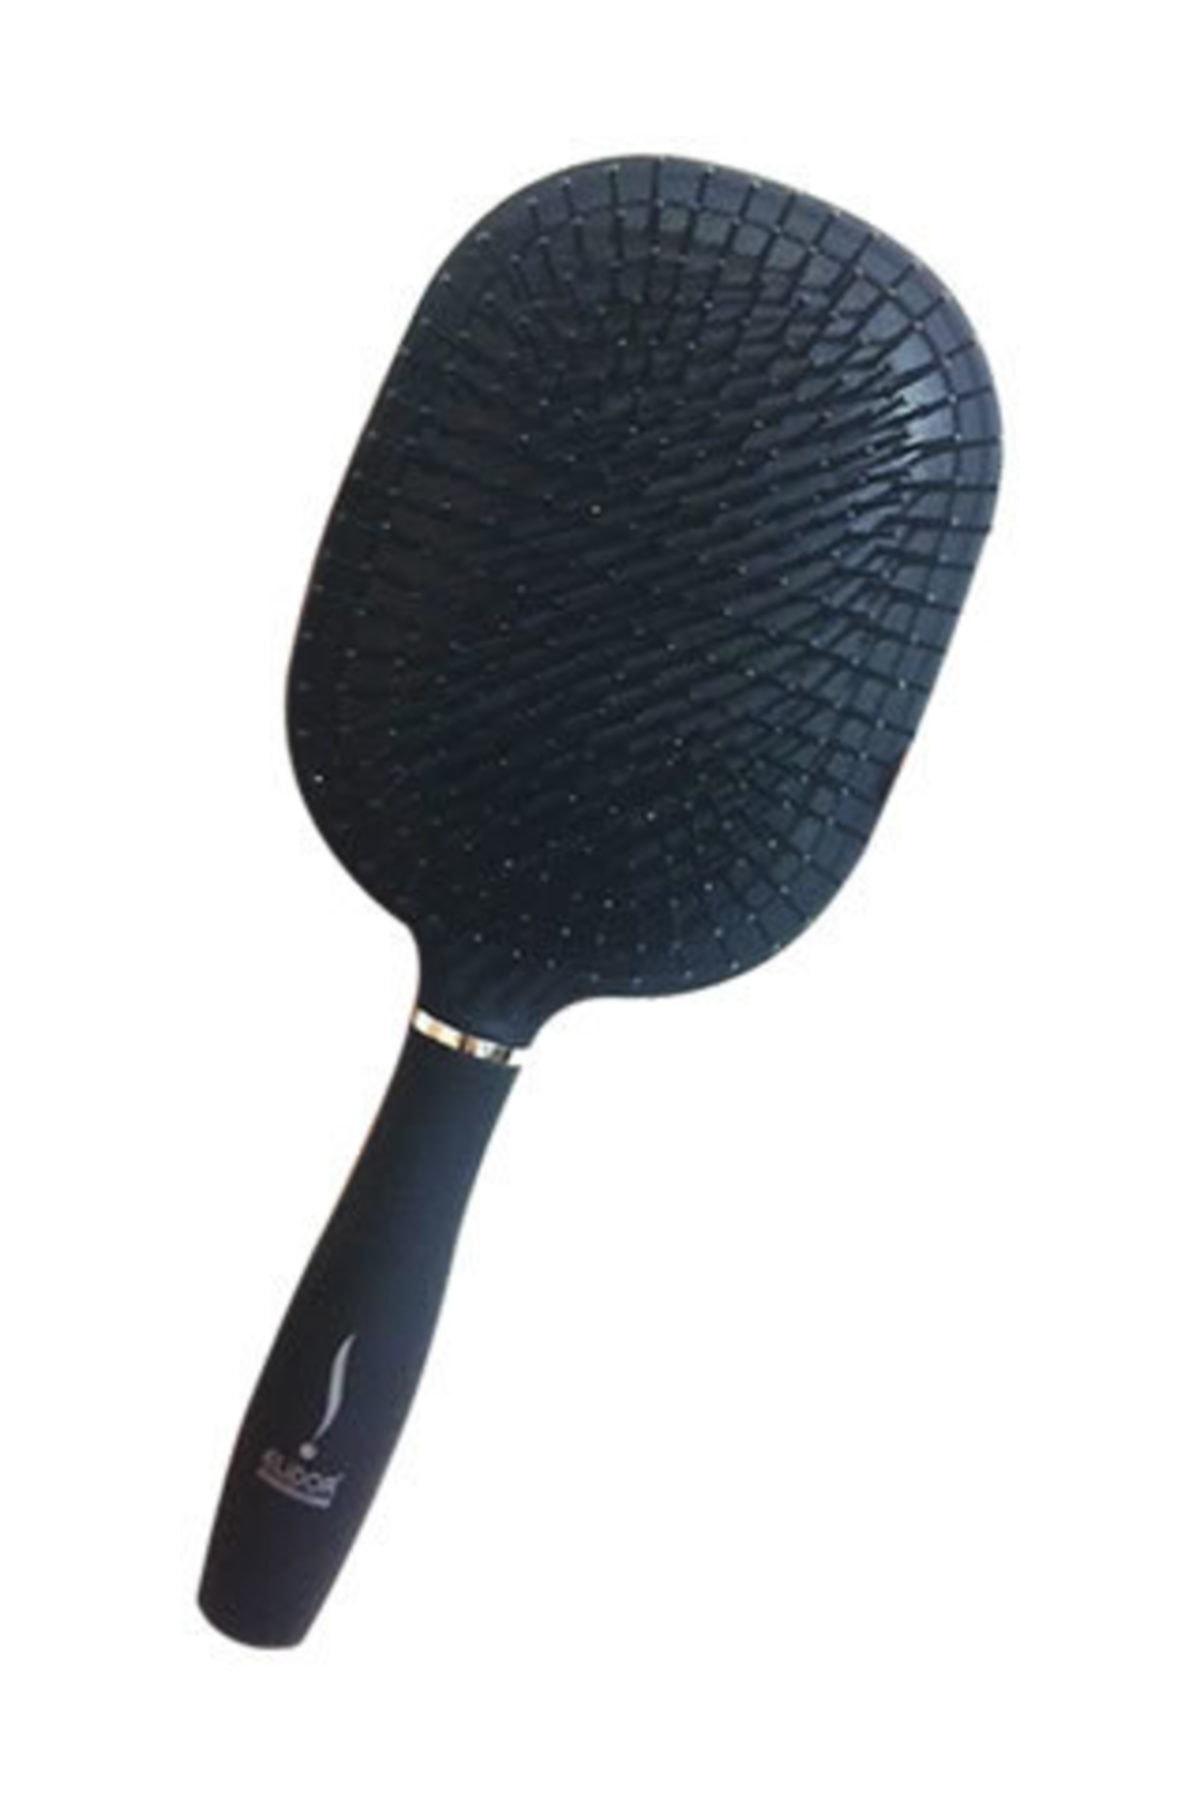 Elidor Saç Fırçası (Tarak) Muhteşem Saçlar İçin Özel Elidor Fırçası 1